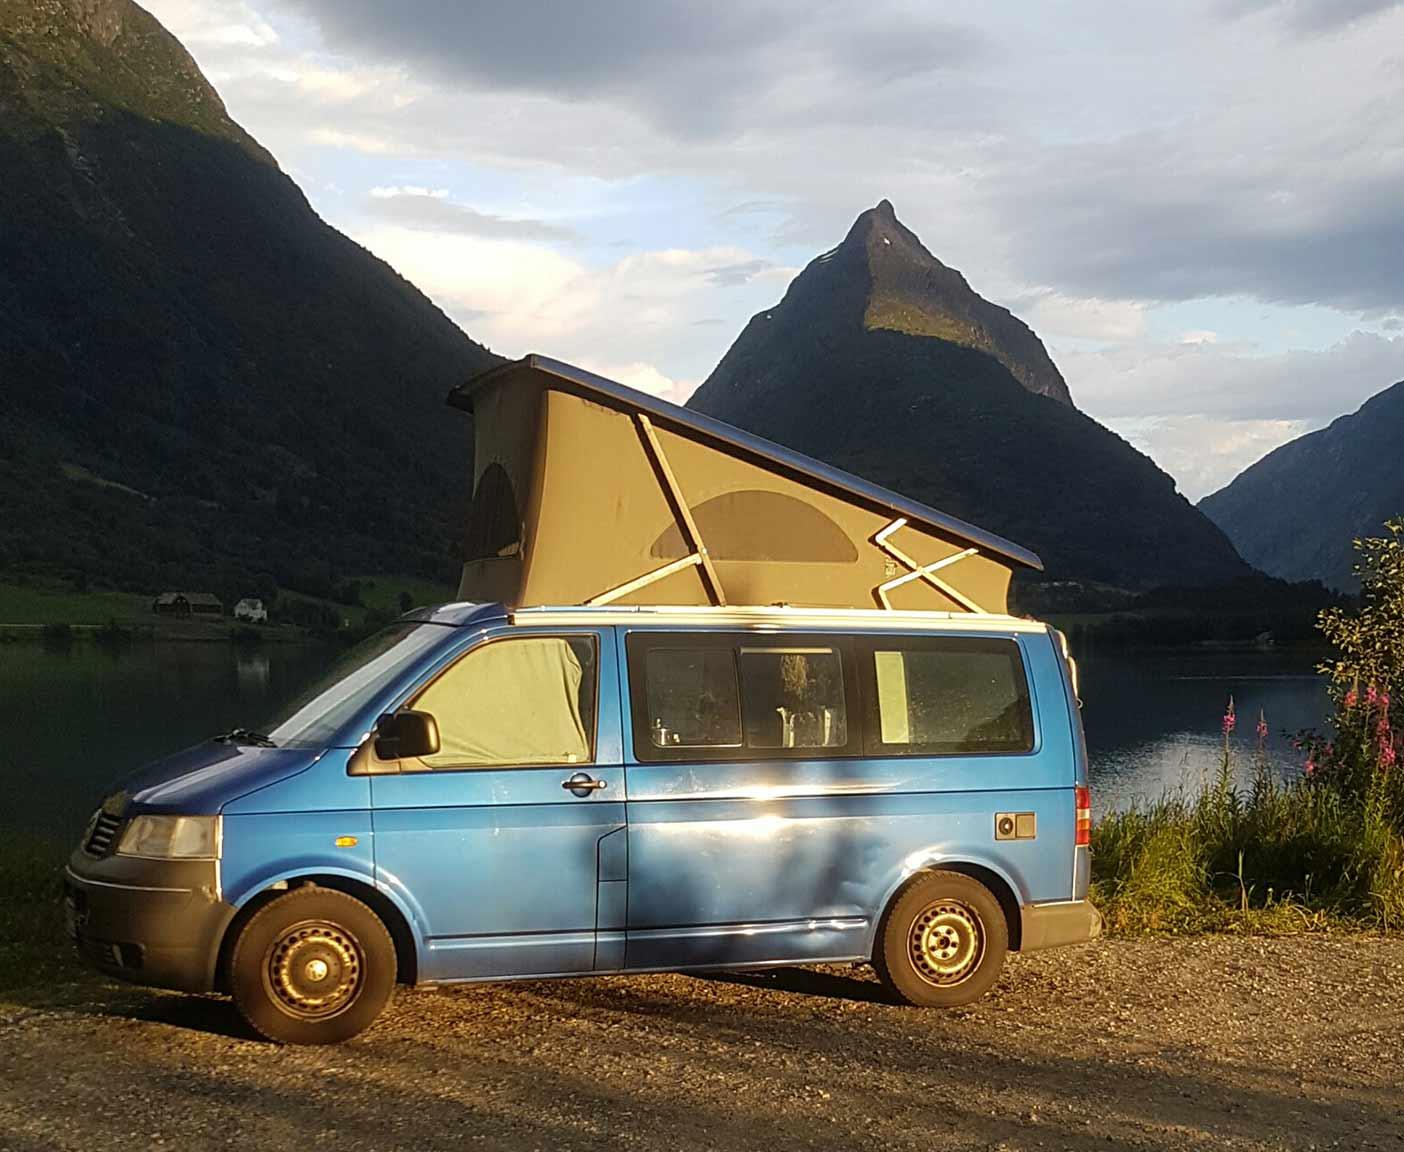 VW-T5-transporter-multivan-california-tuning-camper